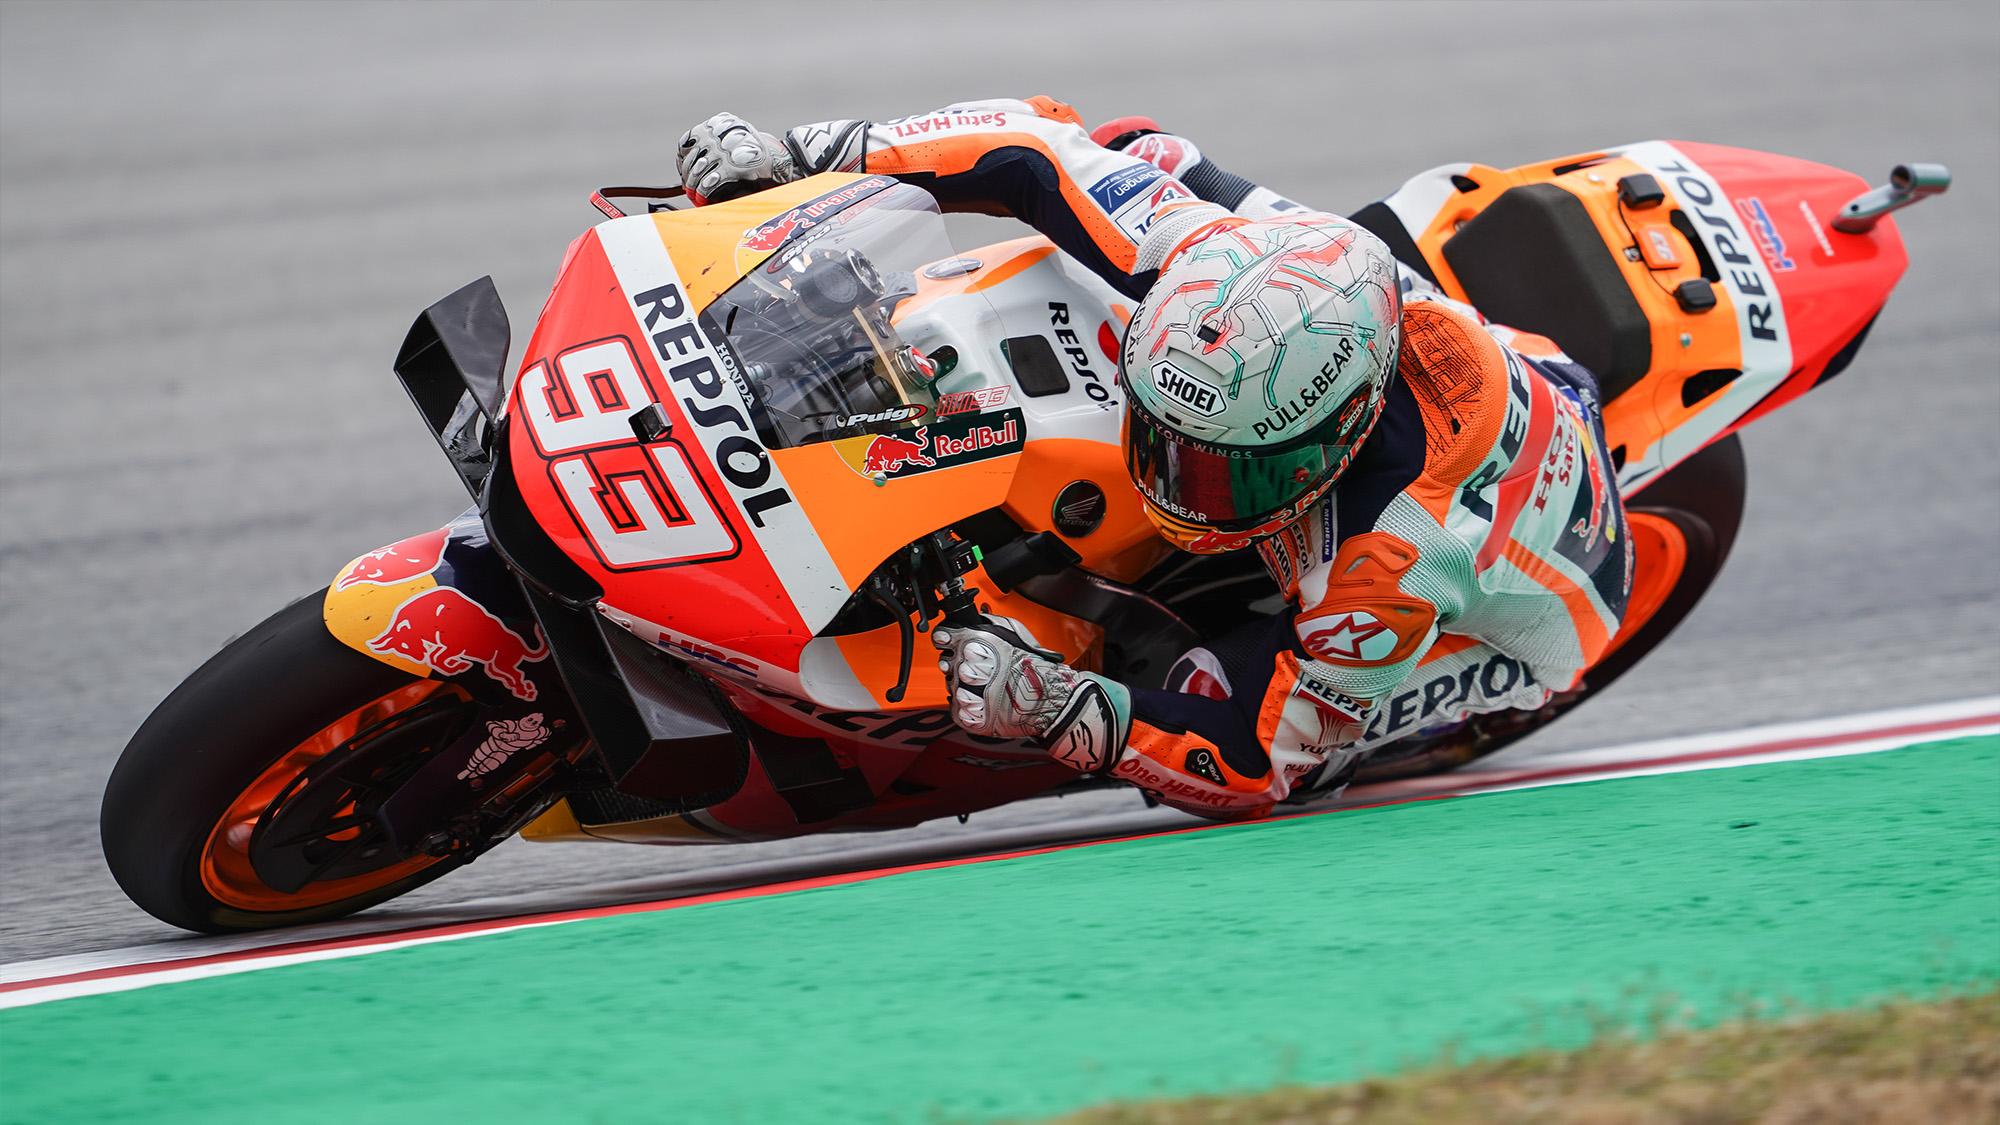 Marc Marquez in the 2021 MotoGP Catalan Grand Prix